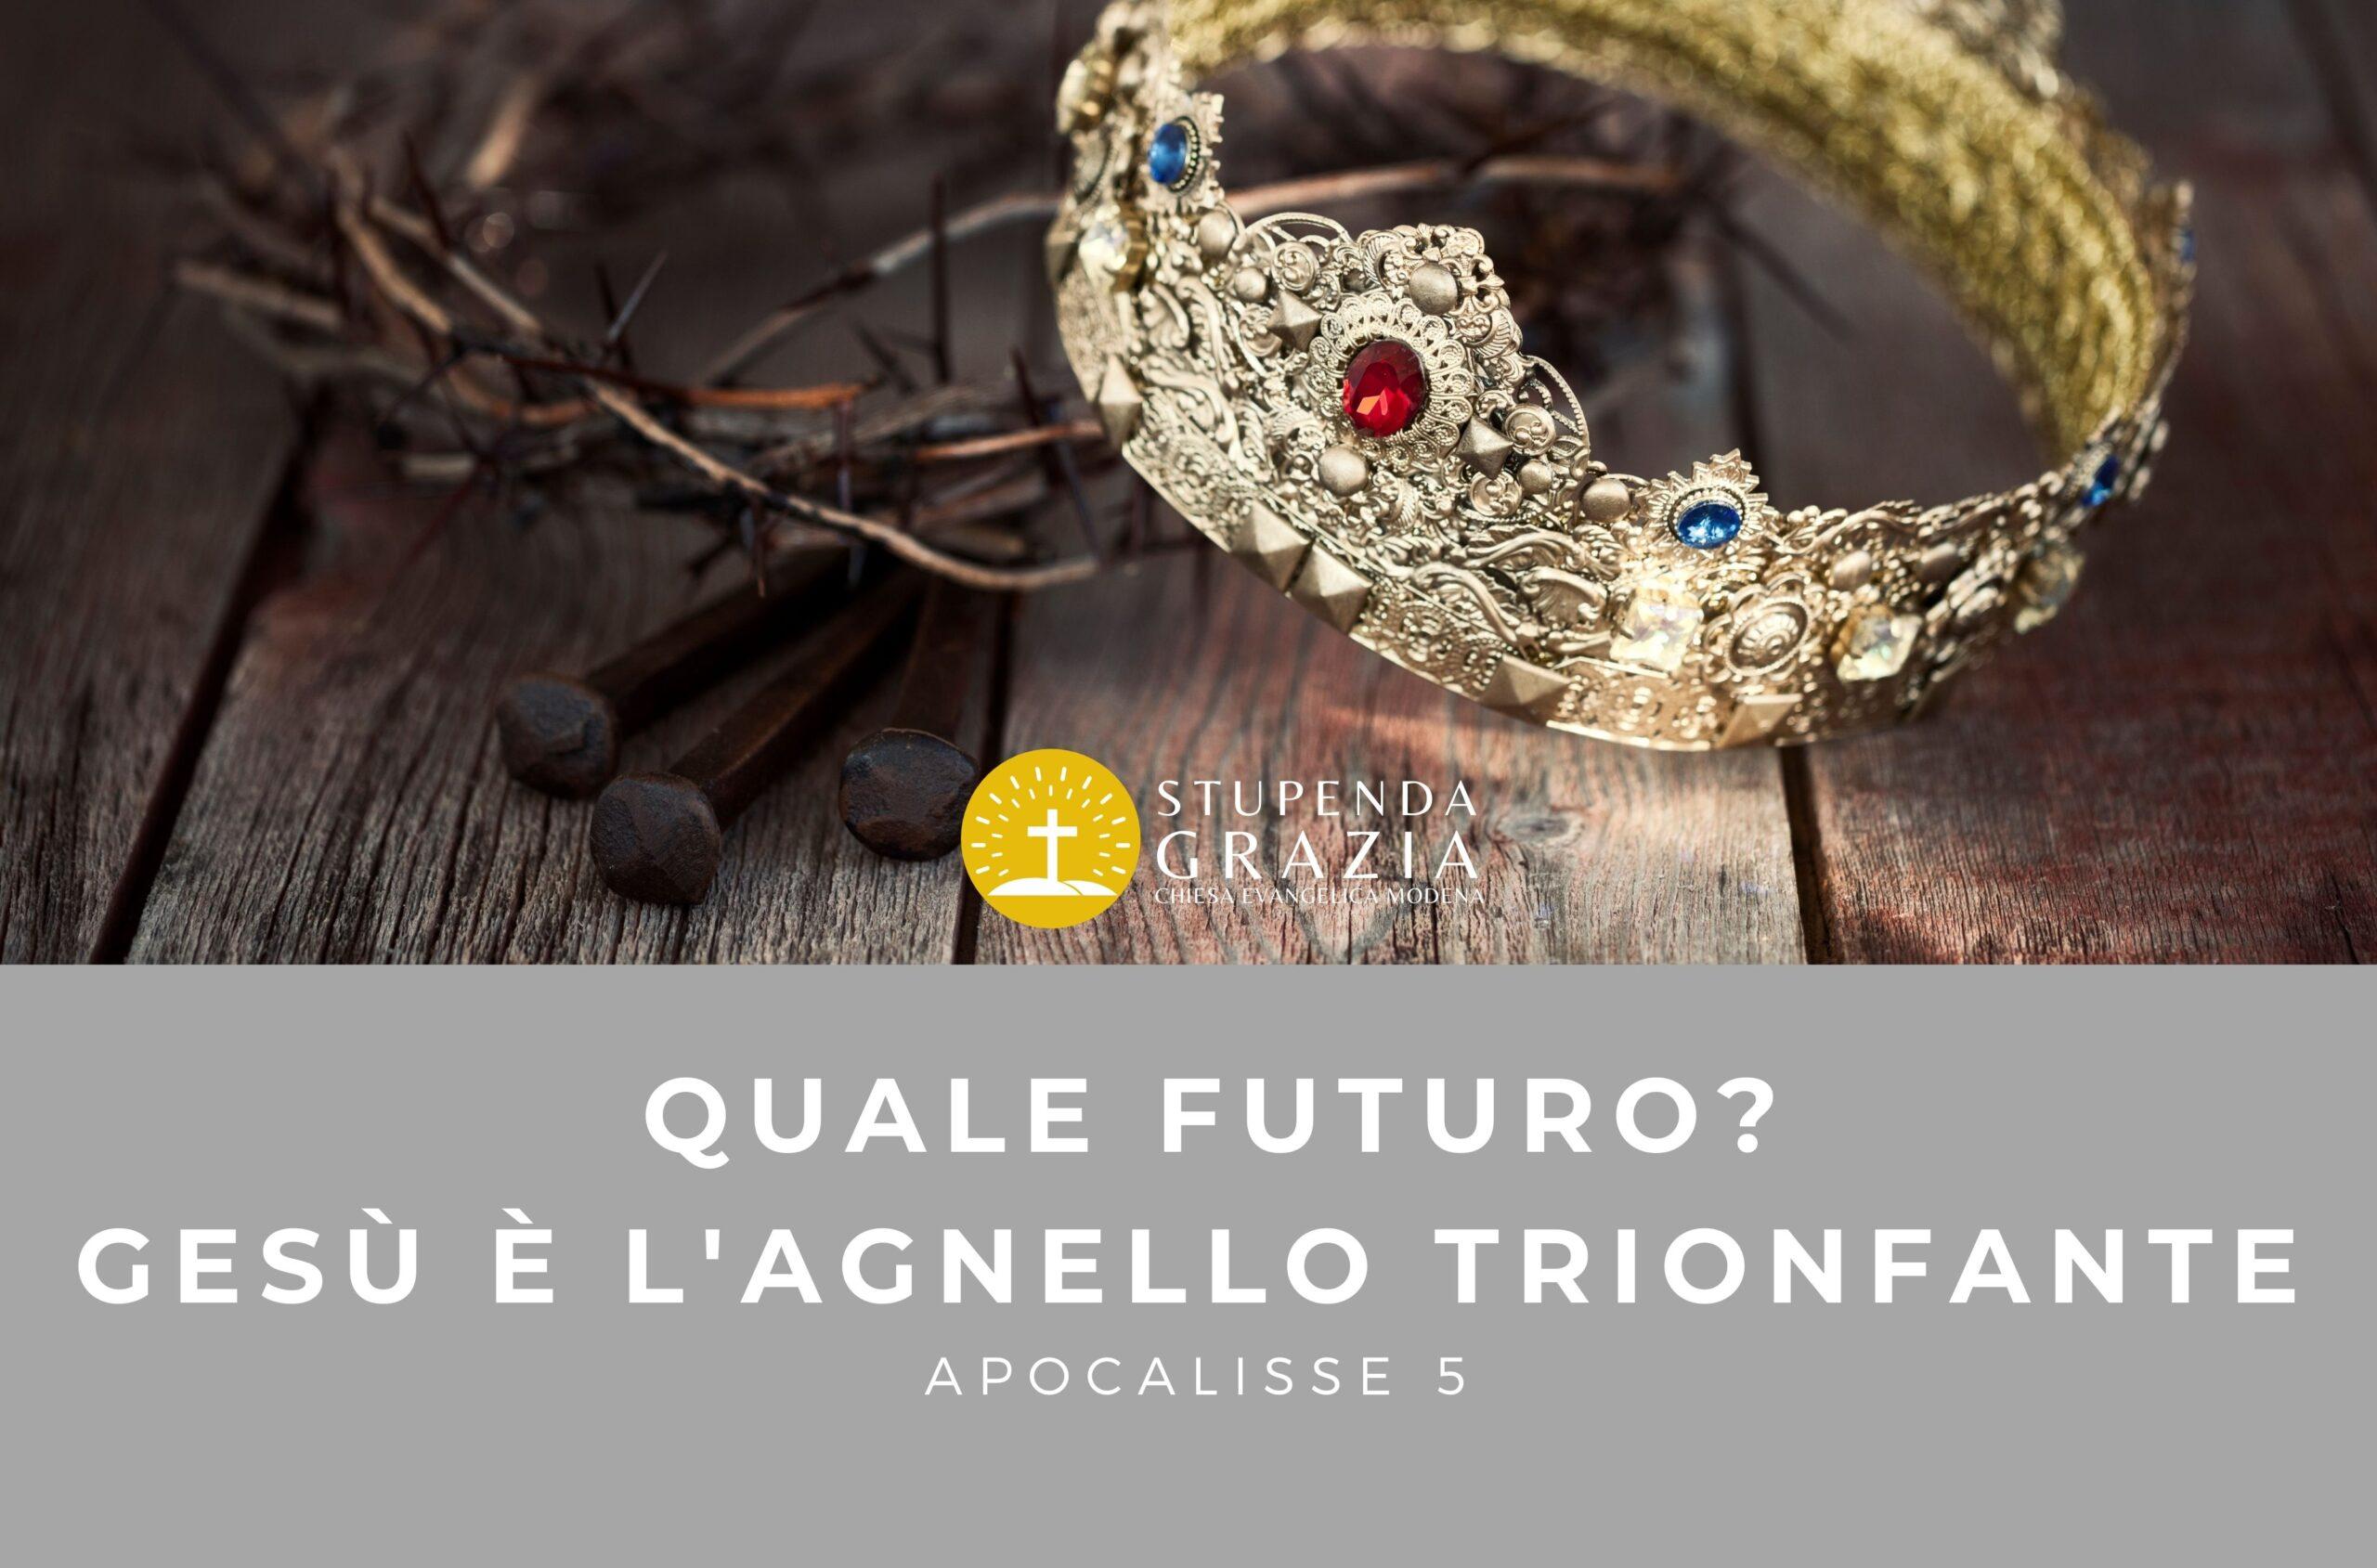 QUALE FUTURO? GESU' E' L'AGNELLO TRIONFANTE